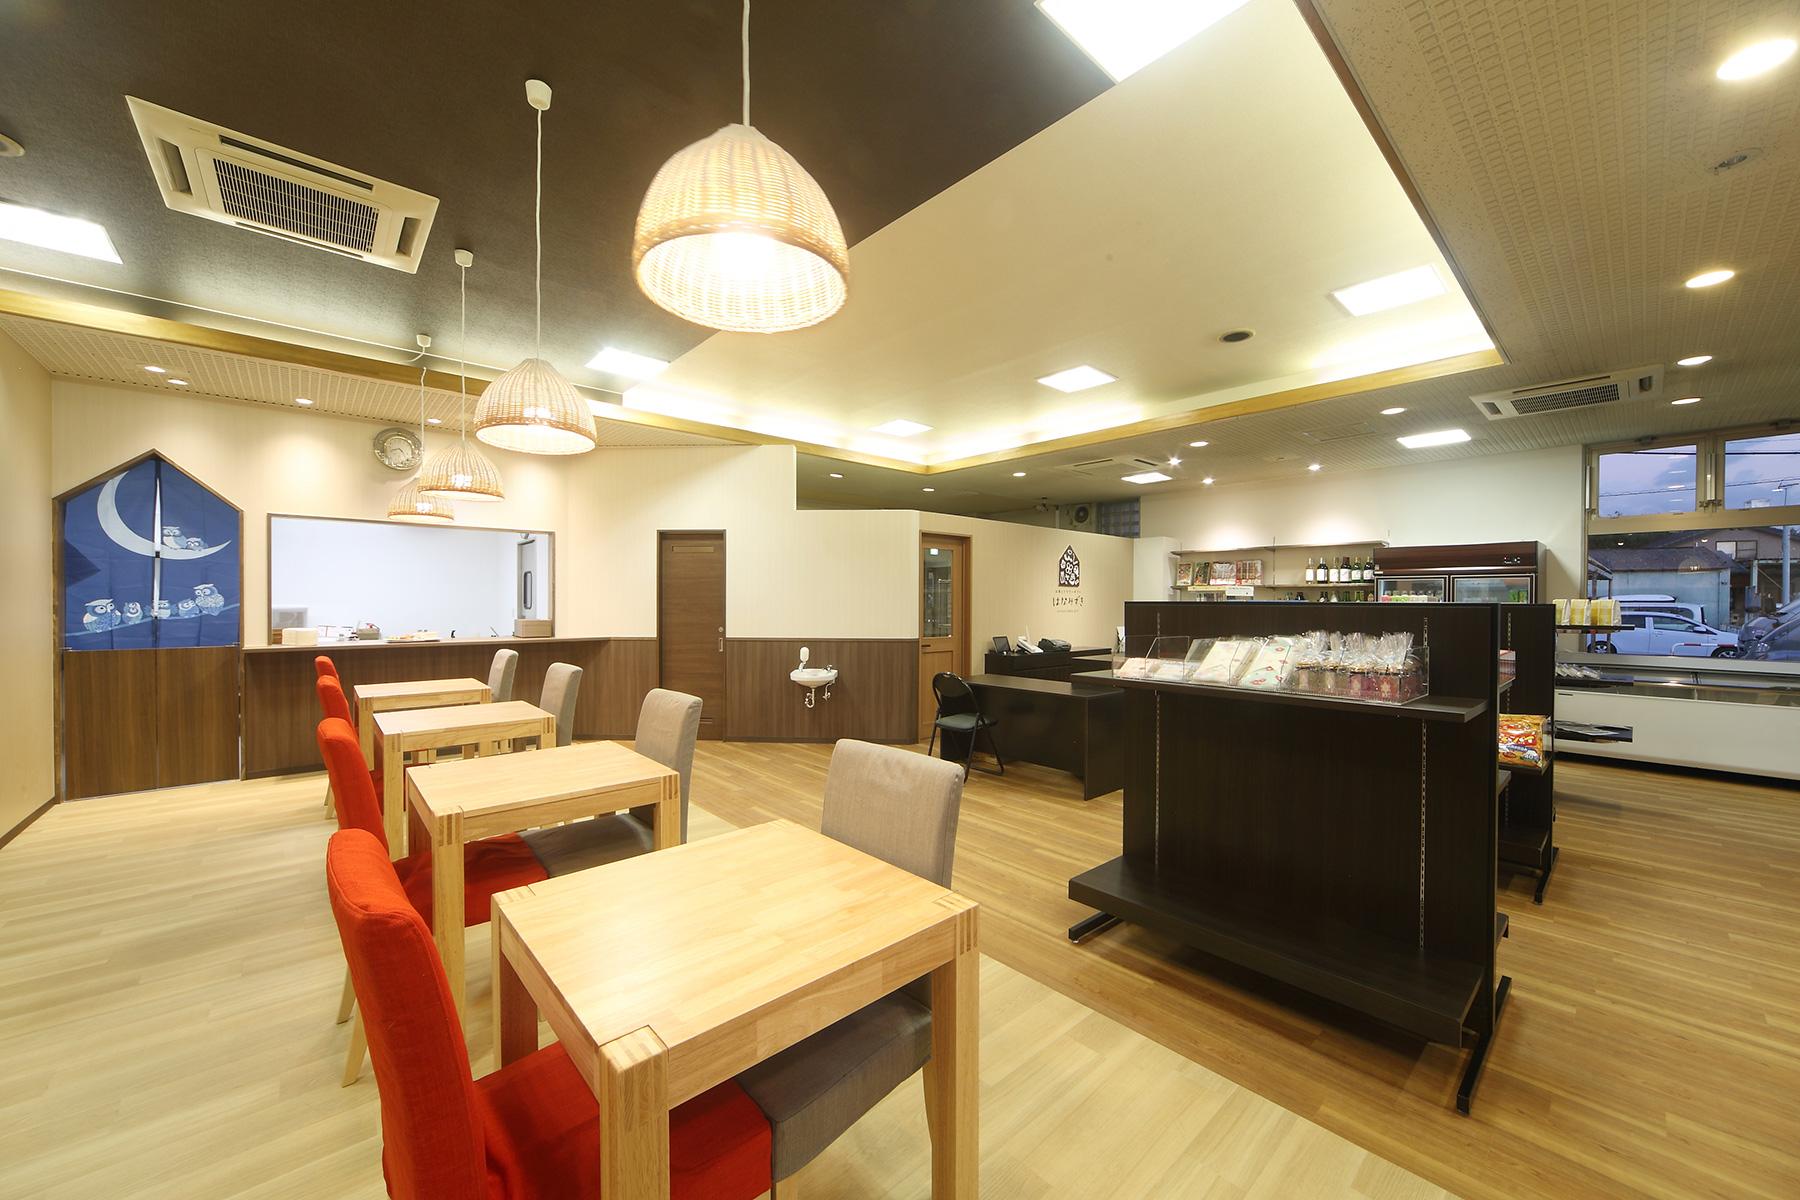 カフェの店舗デザイン